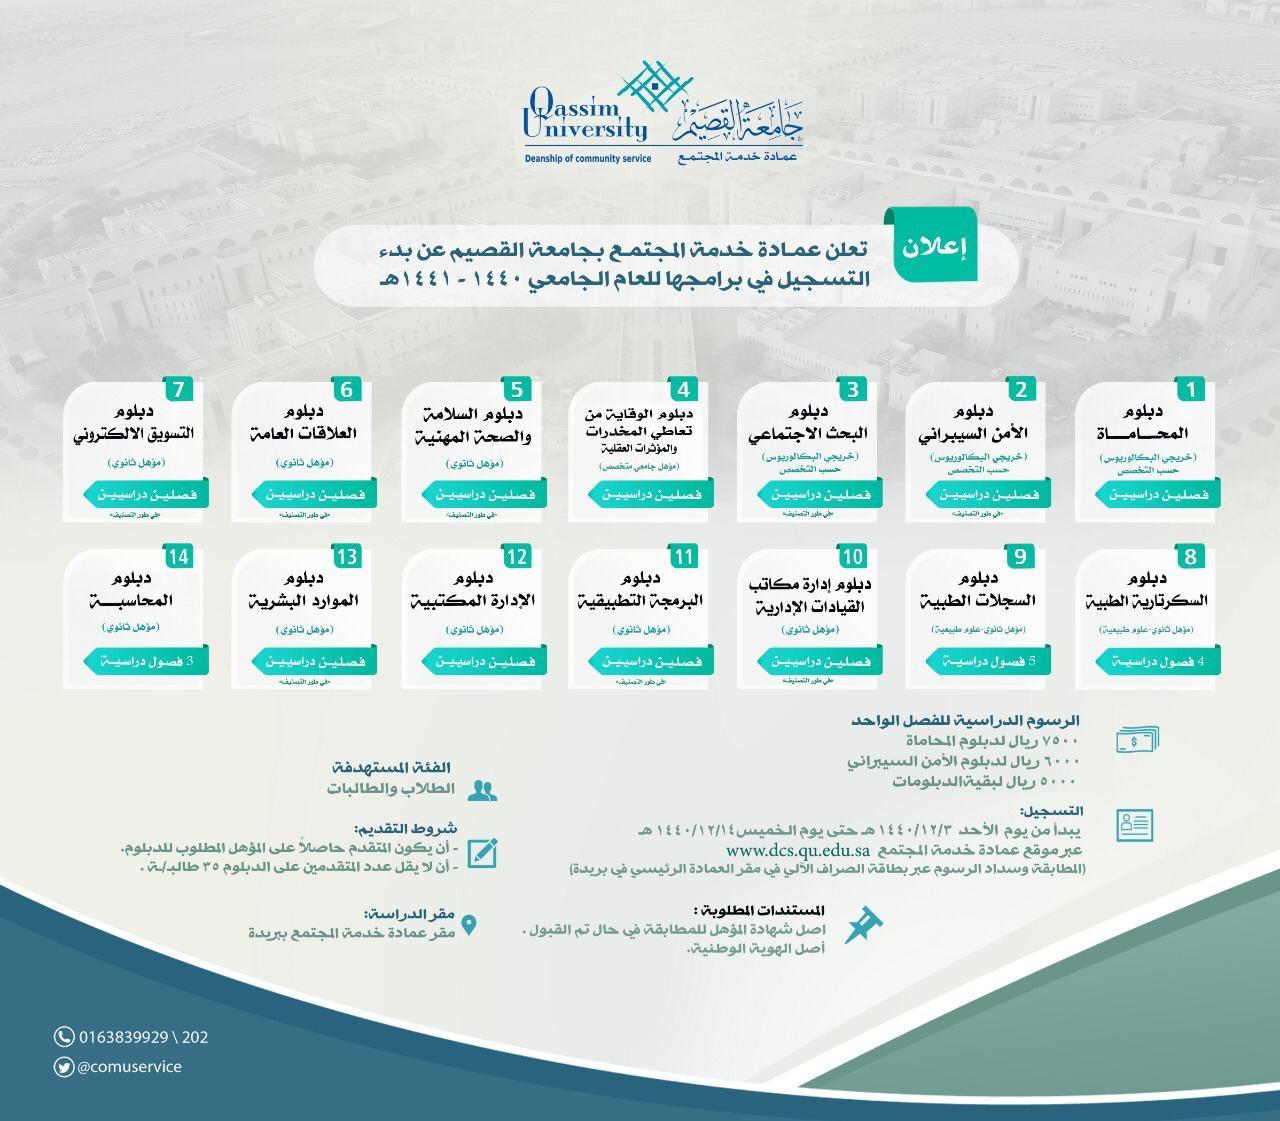 جامعة القصيم الجامعة تفتح باب التسجيل في 14 تخصص لبرامج الدبلوم للعام الجامعي القادم